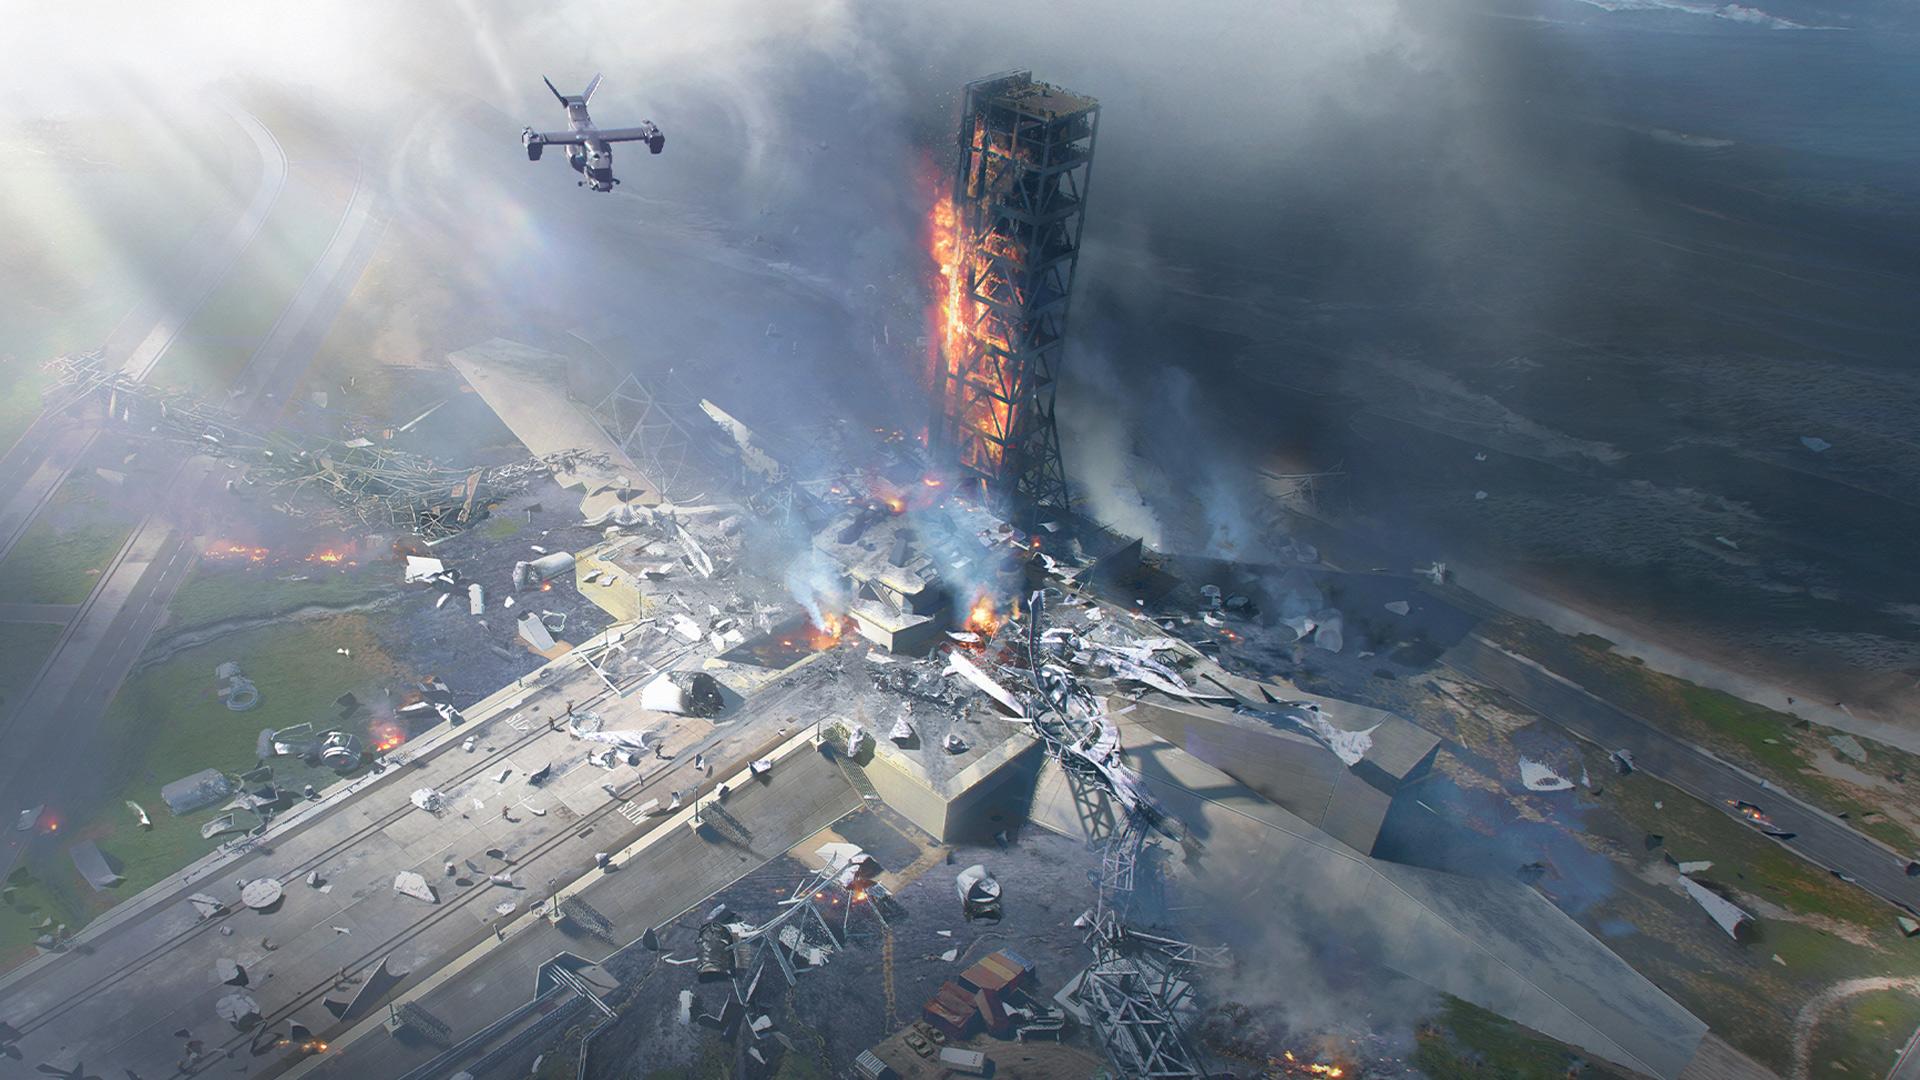 Battlefiel 2042 angespielt Raketenrampe brennt